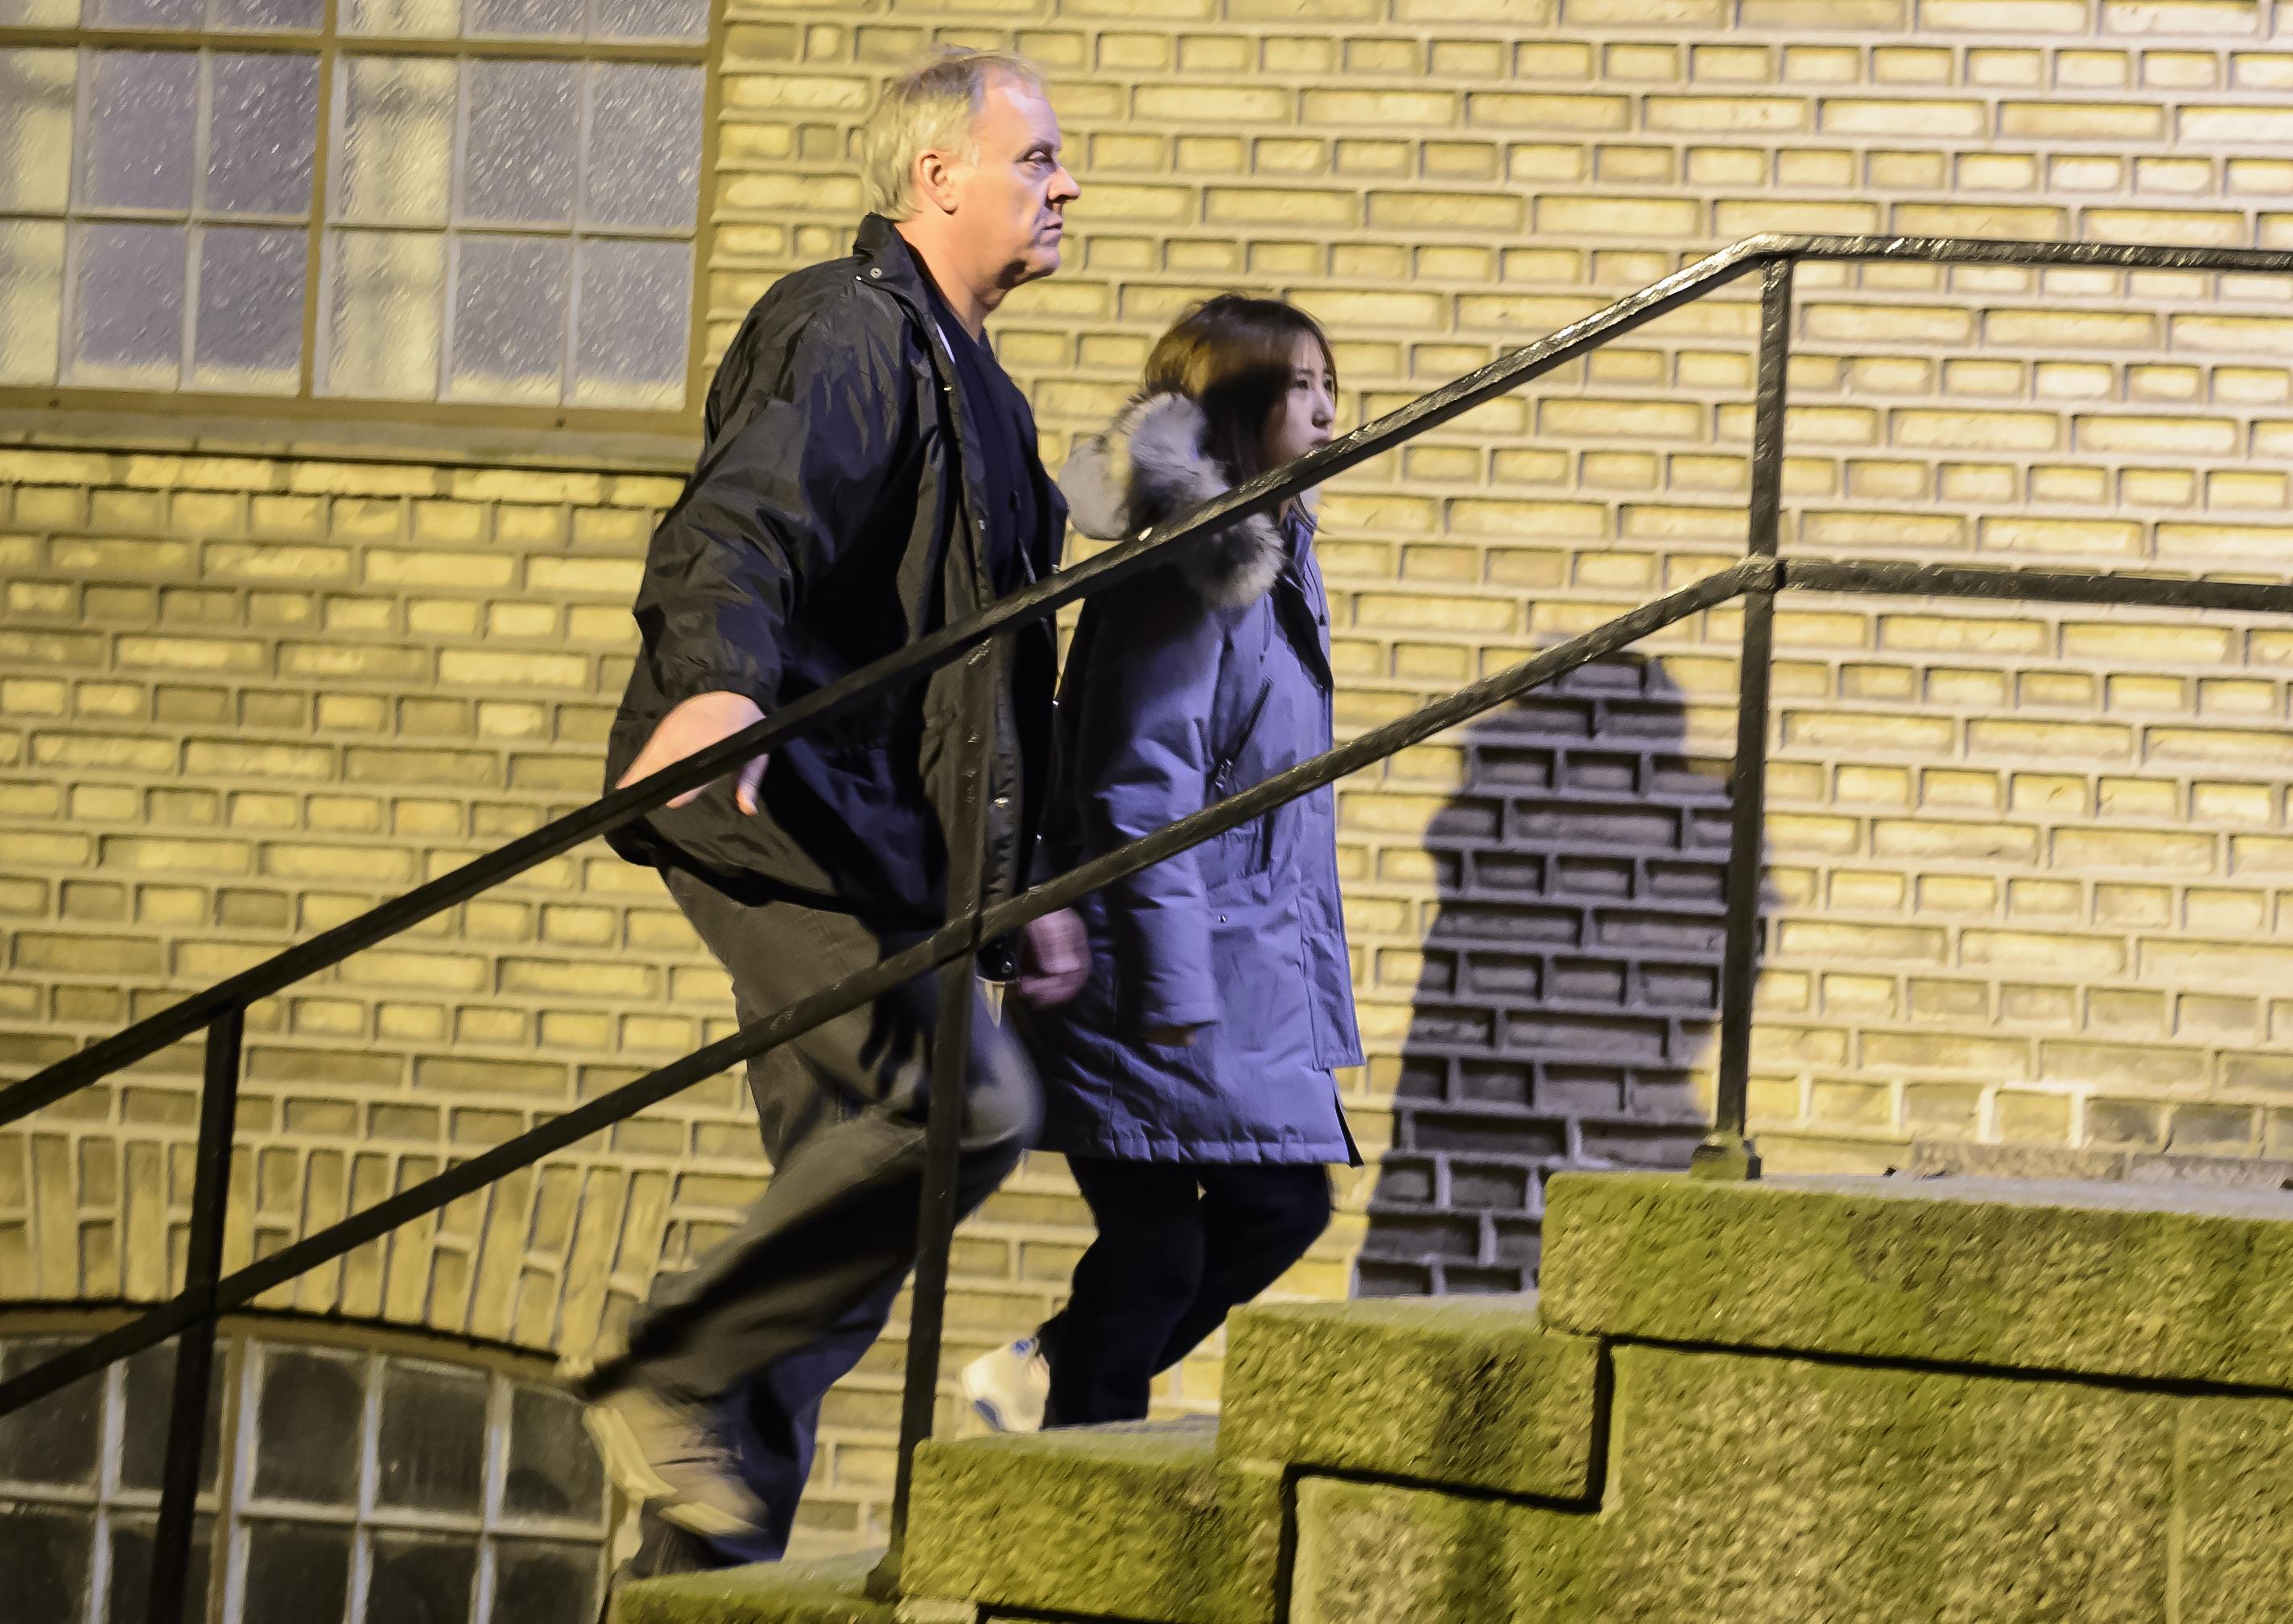 1月2日,在丹麦奥尔堡市,崔顺实的女儿郑某在出席听证会后被拘押。(新华/美联)